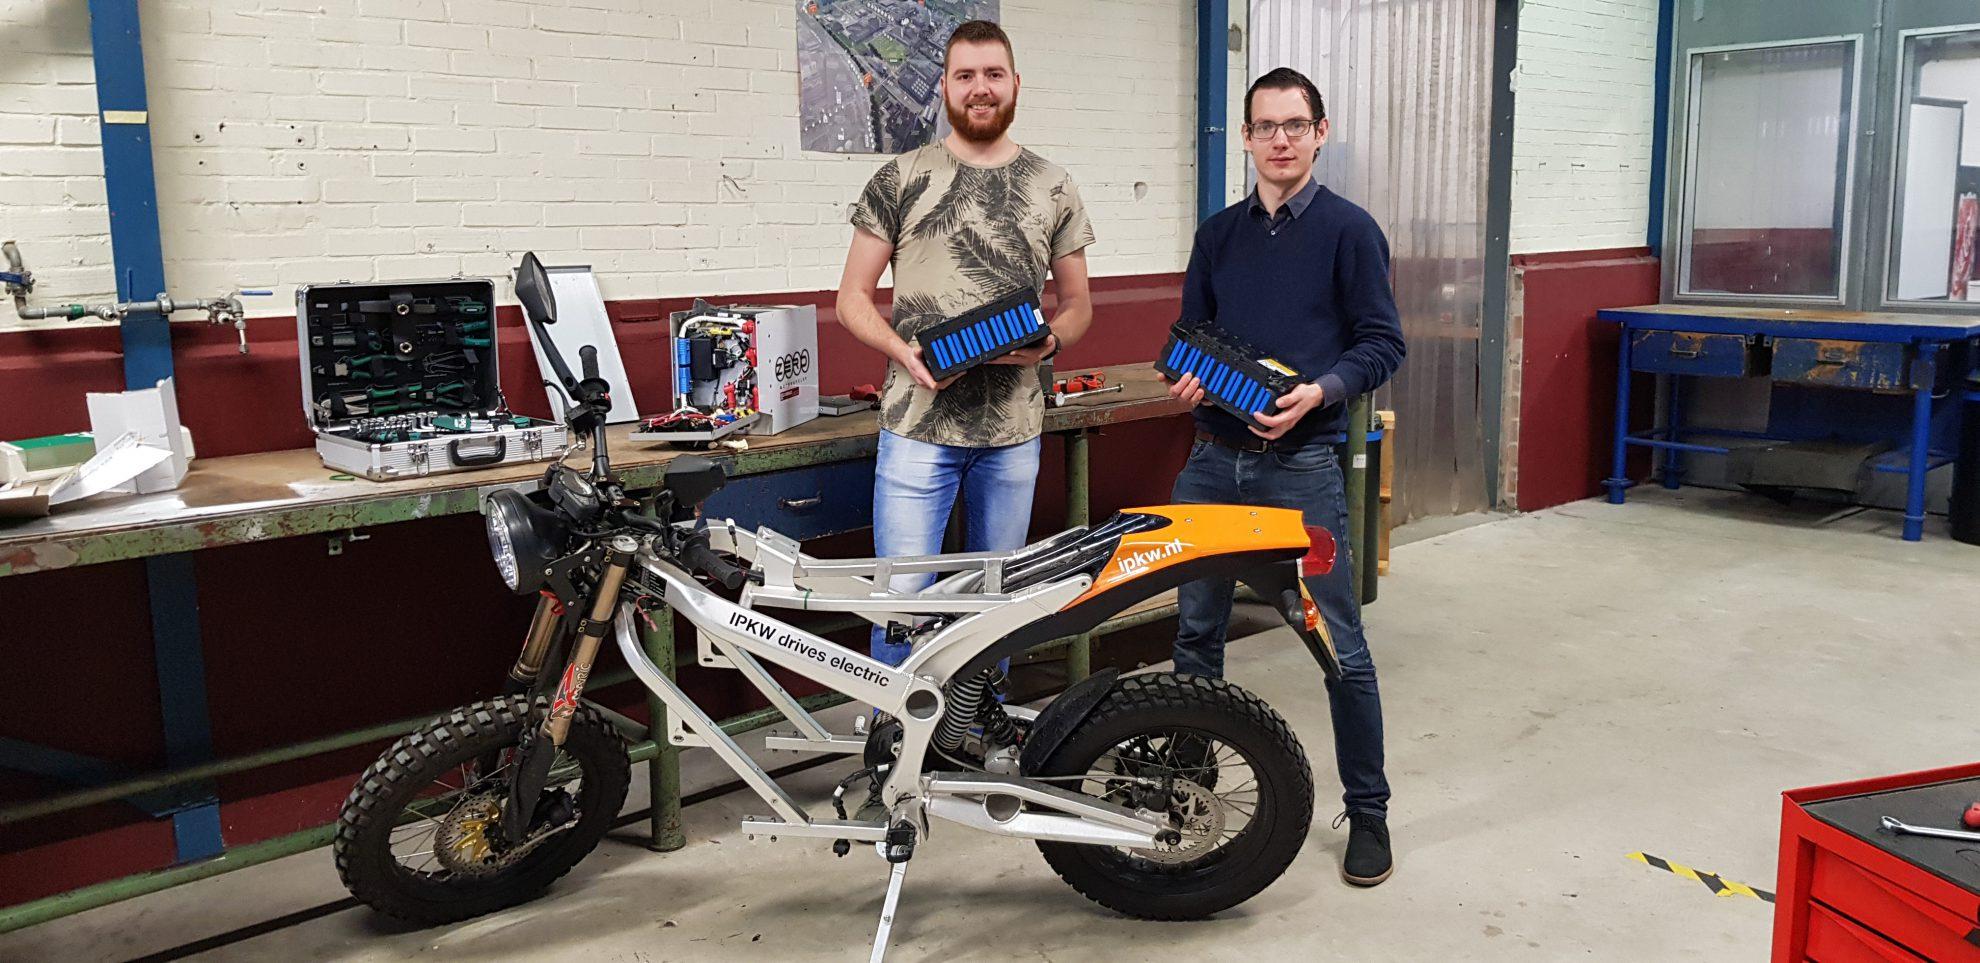 Opwindende rijbeleving met 100% elektrische motorfiets